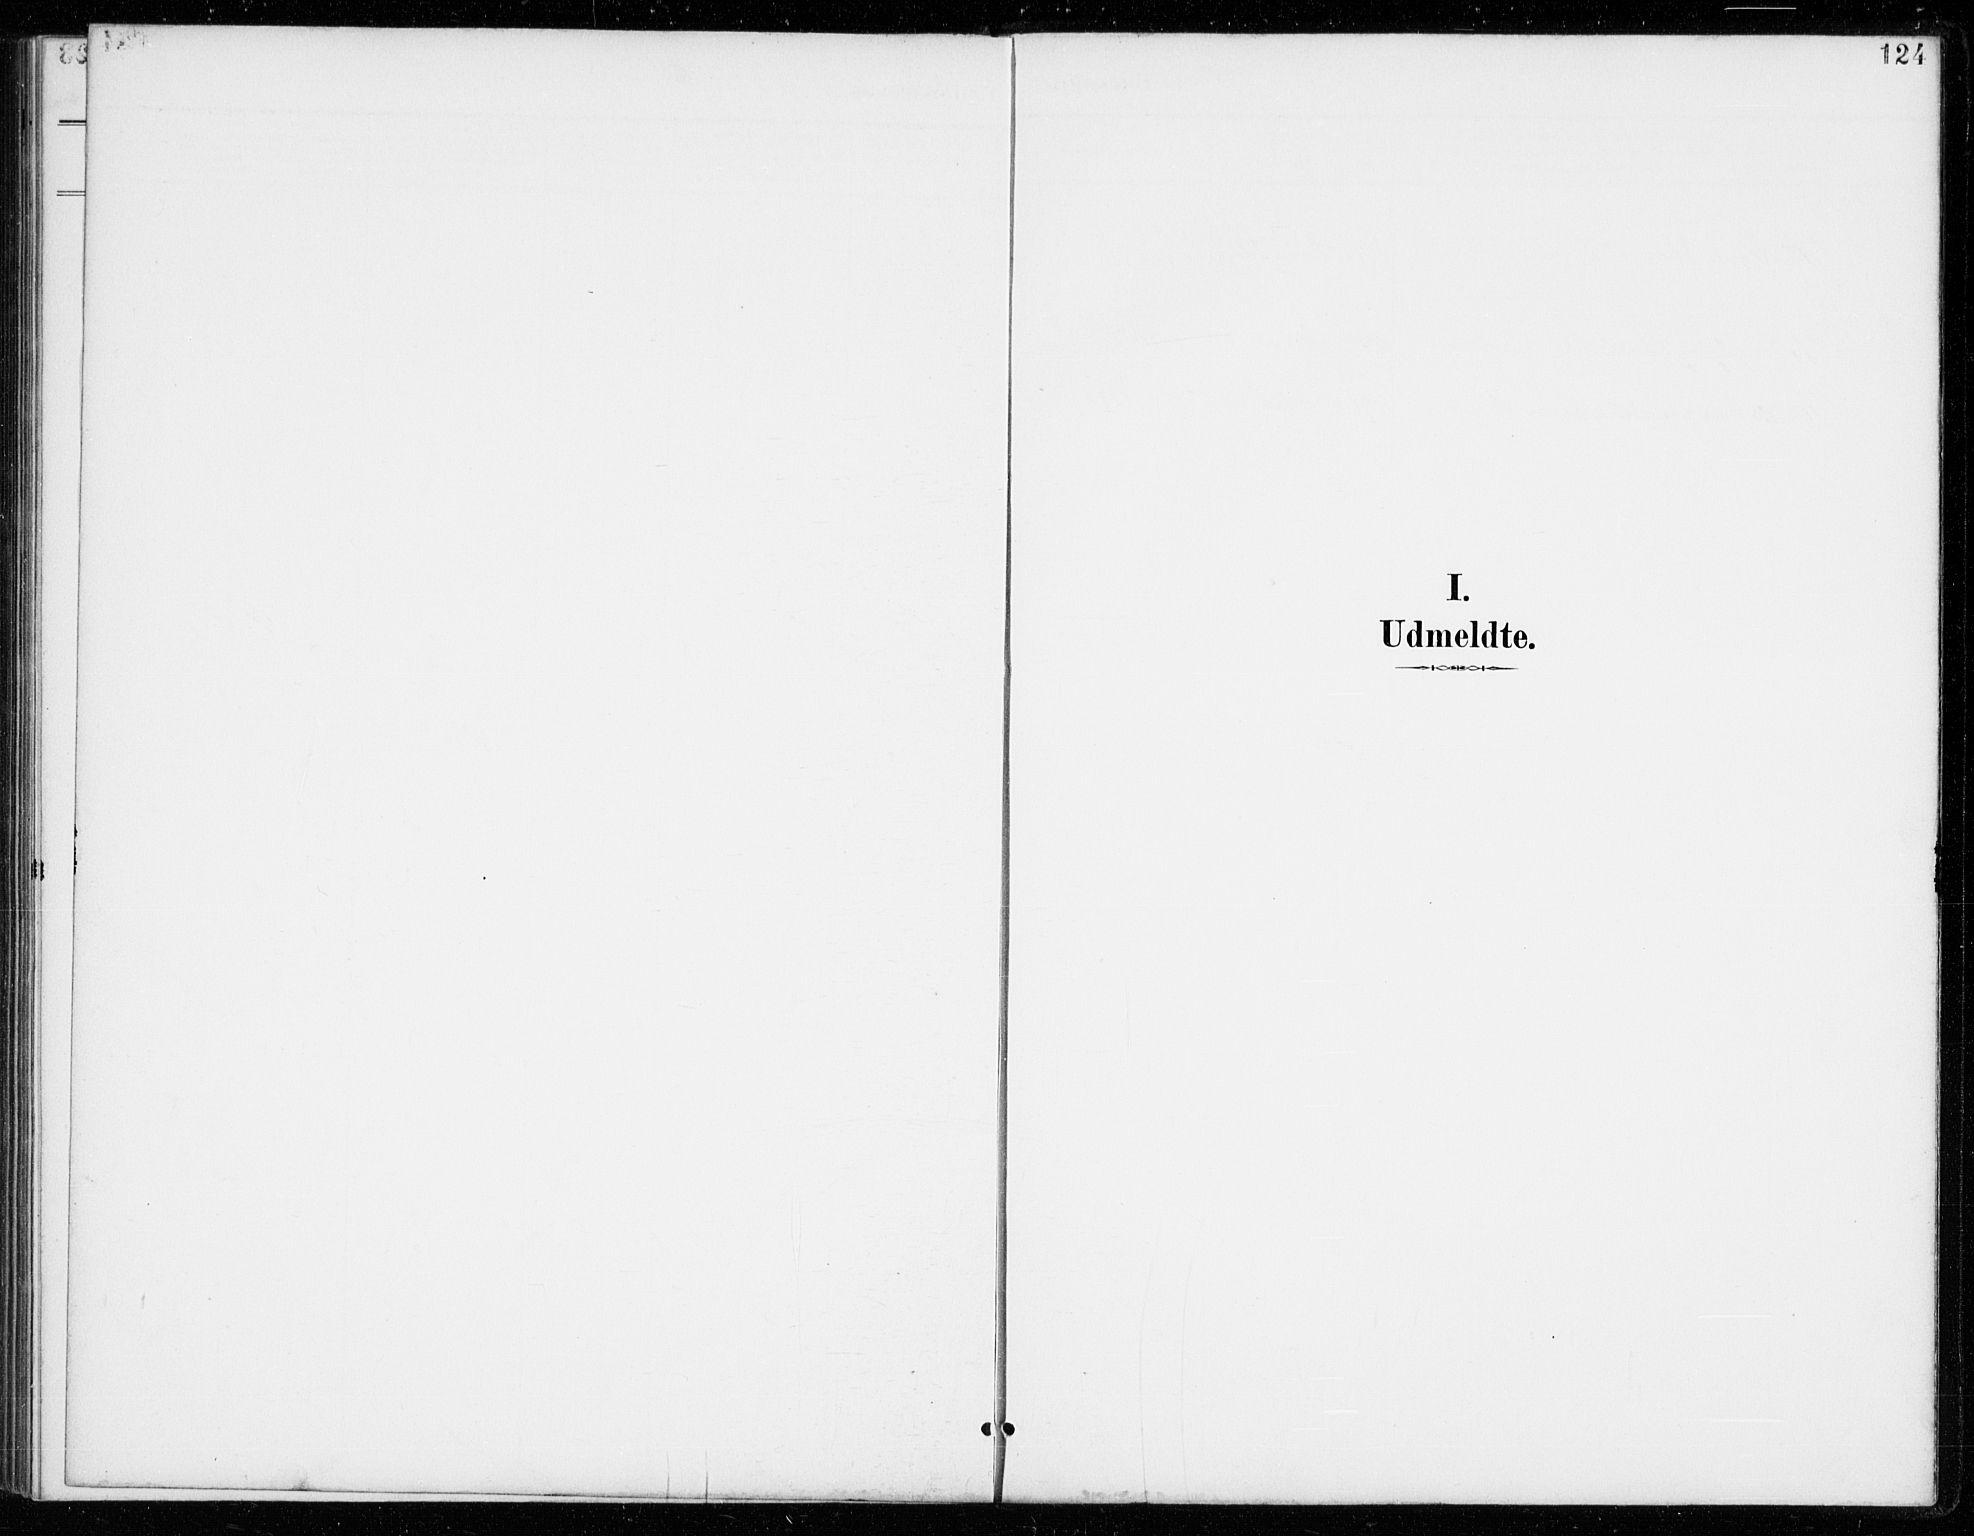 SAKO, Vinje kirkebøker, G/Gb/L0003: Klokkerbok nr. II 3, 1892-1943, s. 124